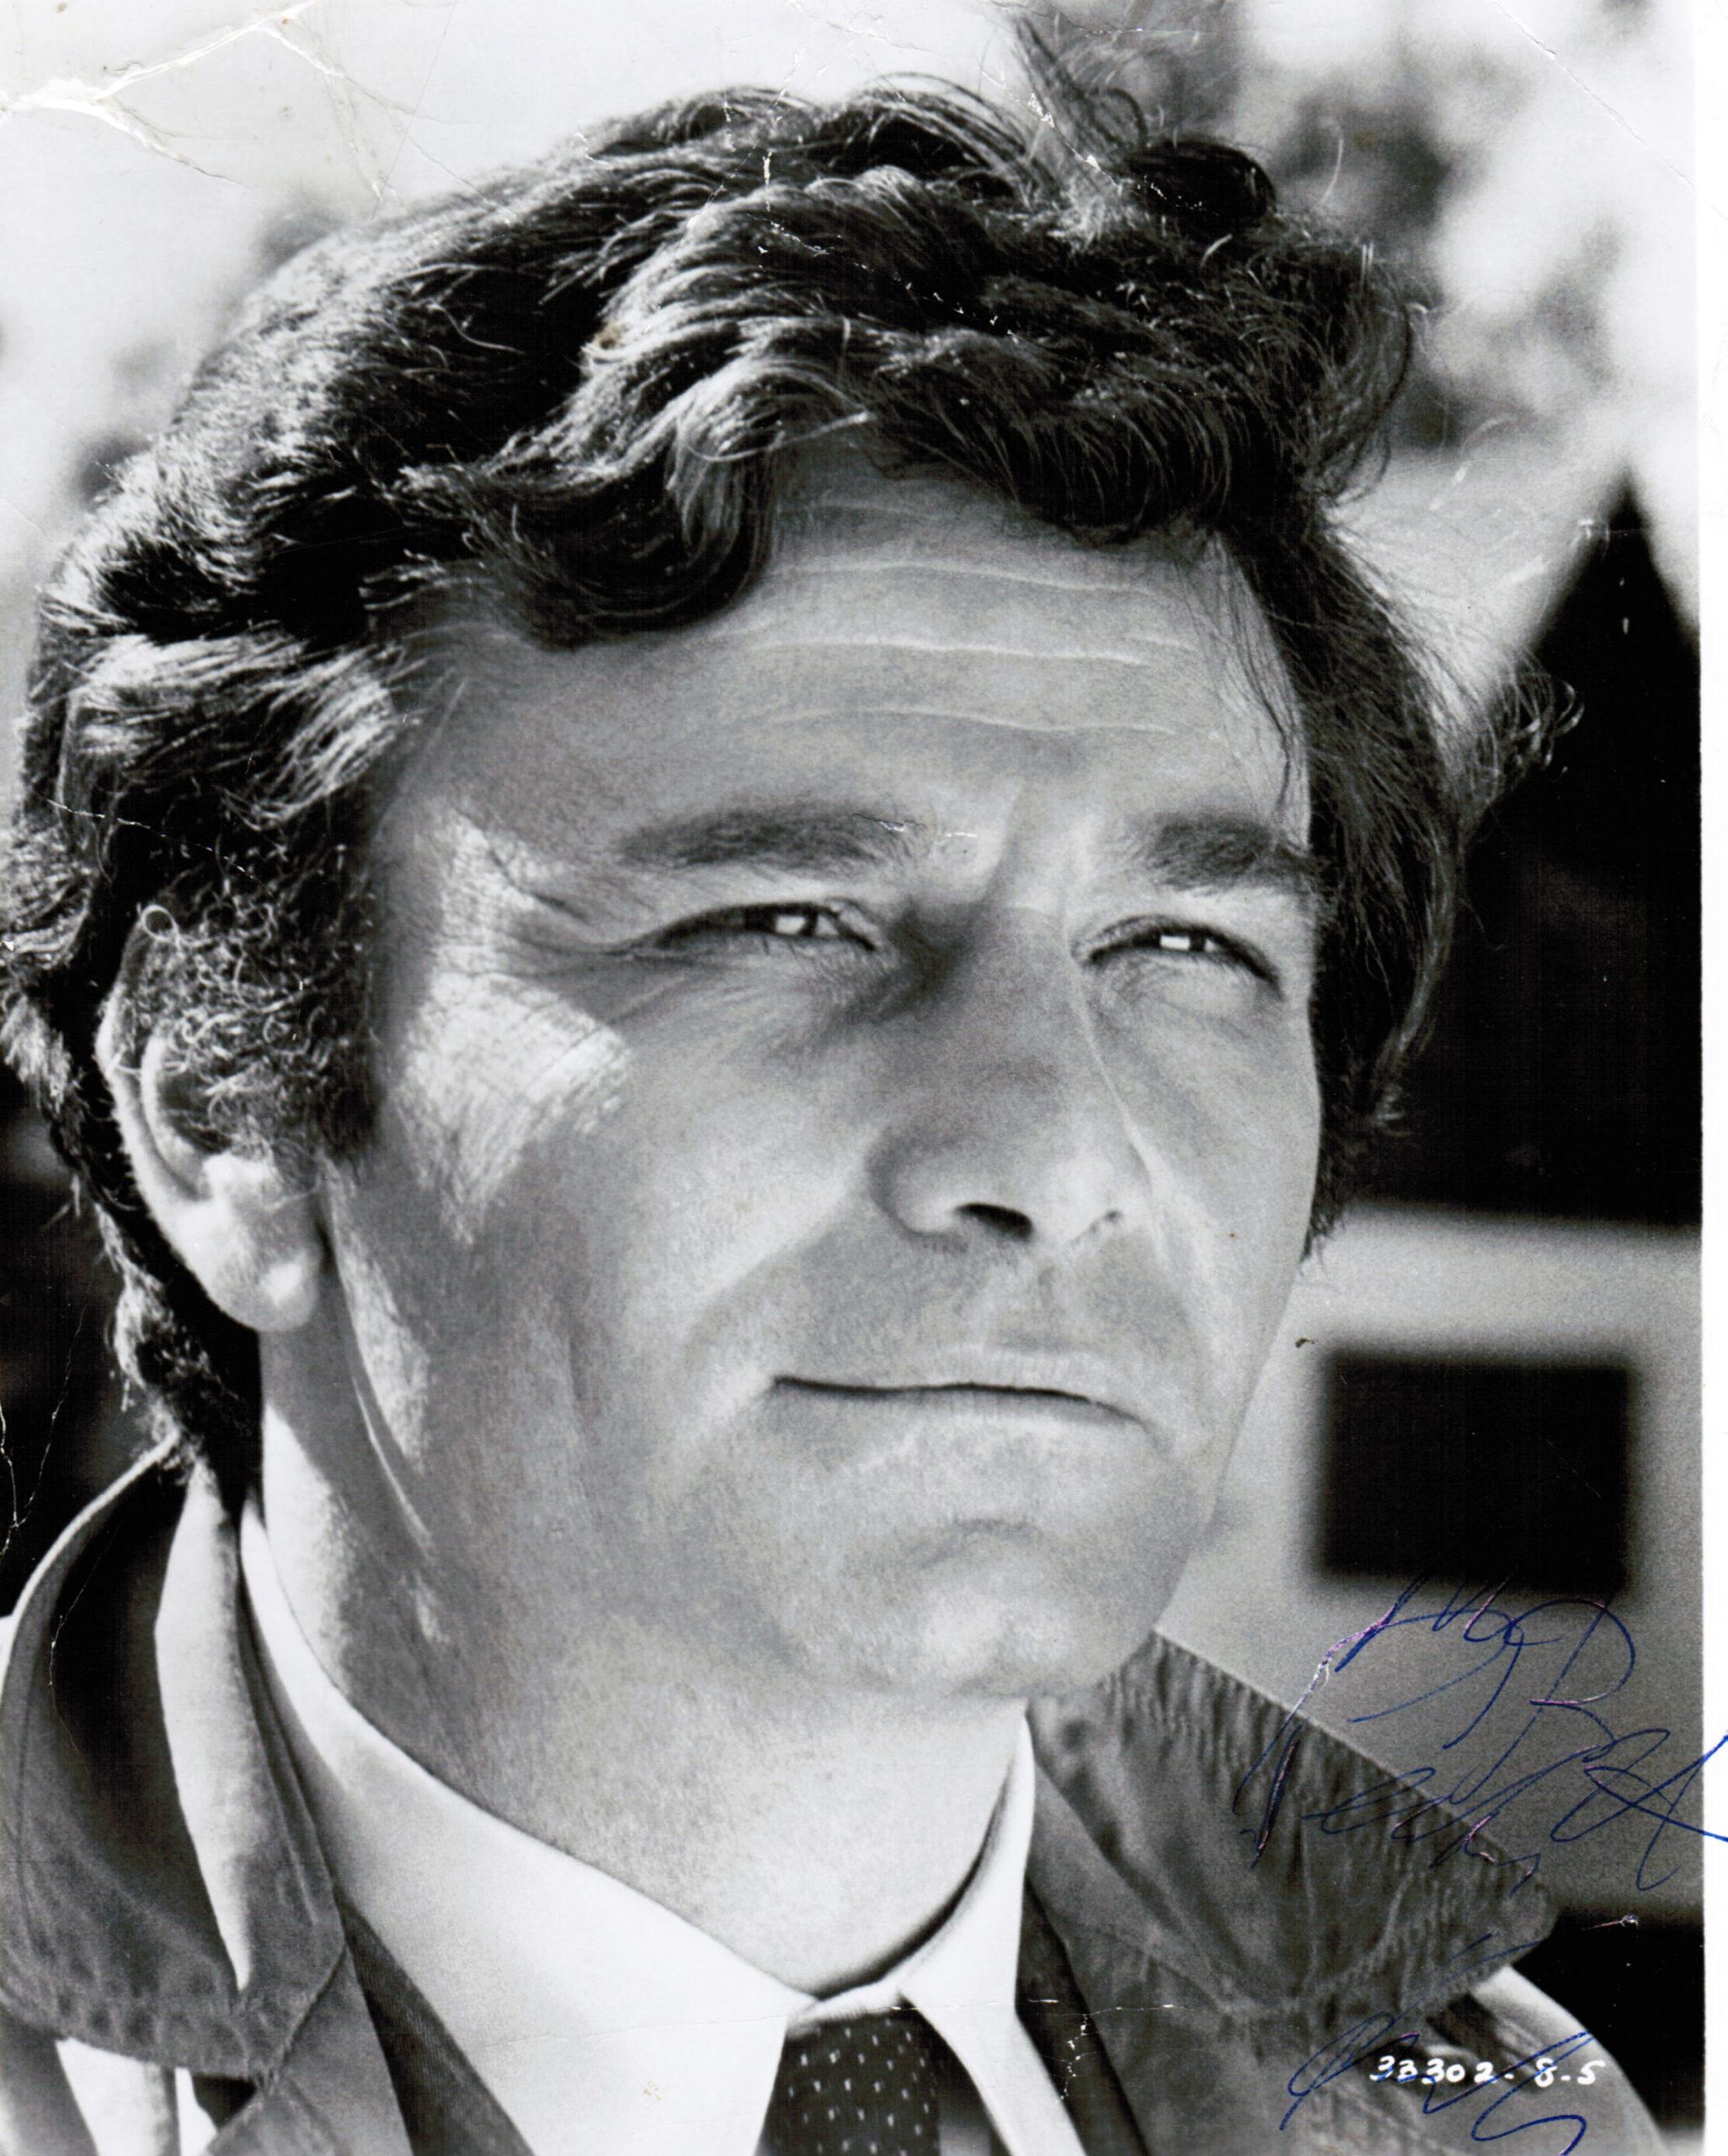 Hollywood - Peter Falk höll ofta på med Columbo och skulle jag missa honom fanns Rock Hudson, Telly Savalas eller Dennis Weaver på plats och alternerade